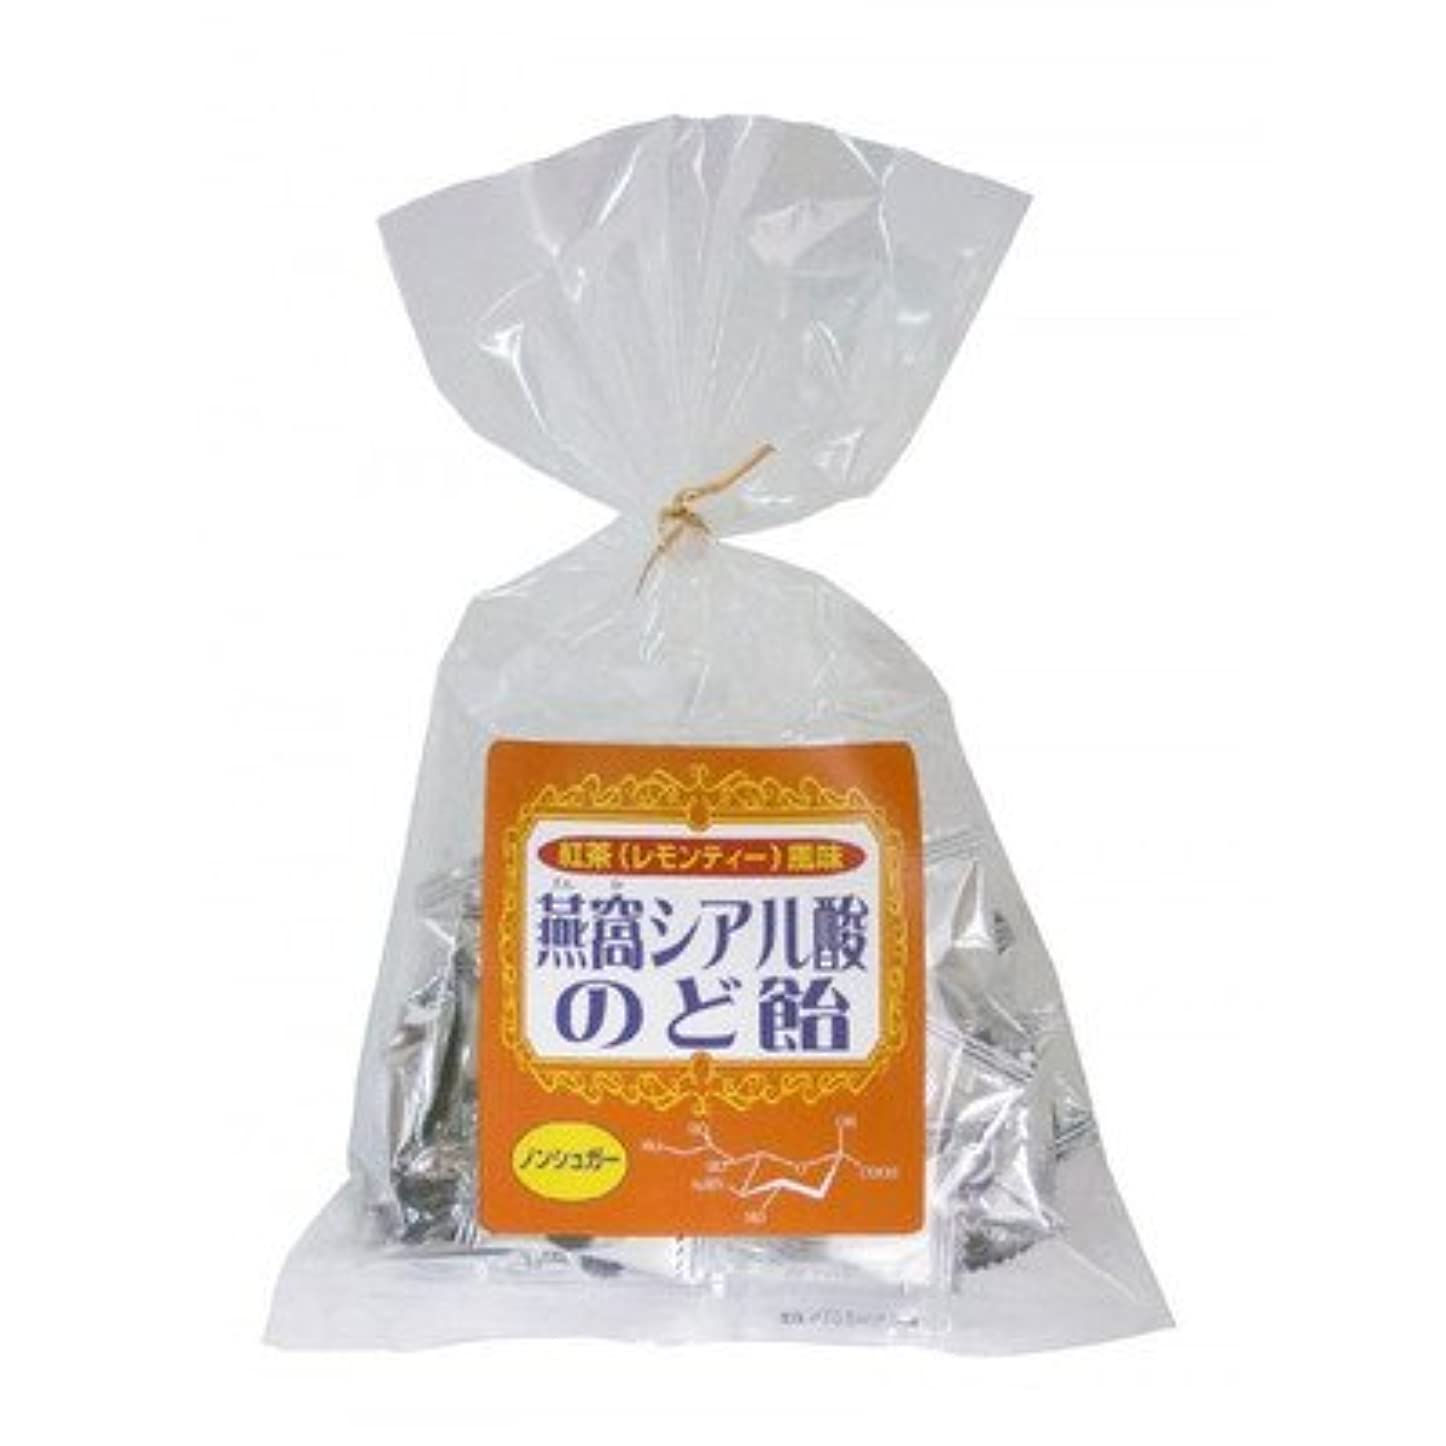 卒業記念アルバムいらいらさせる発信燕窩シアル酸のど飴ノンシュガー 紅茶(レモンティー)風味 87g×3袋